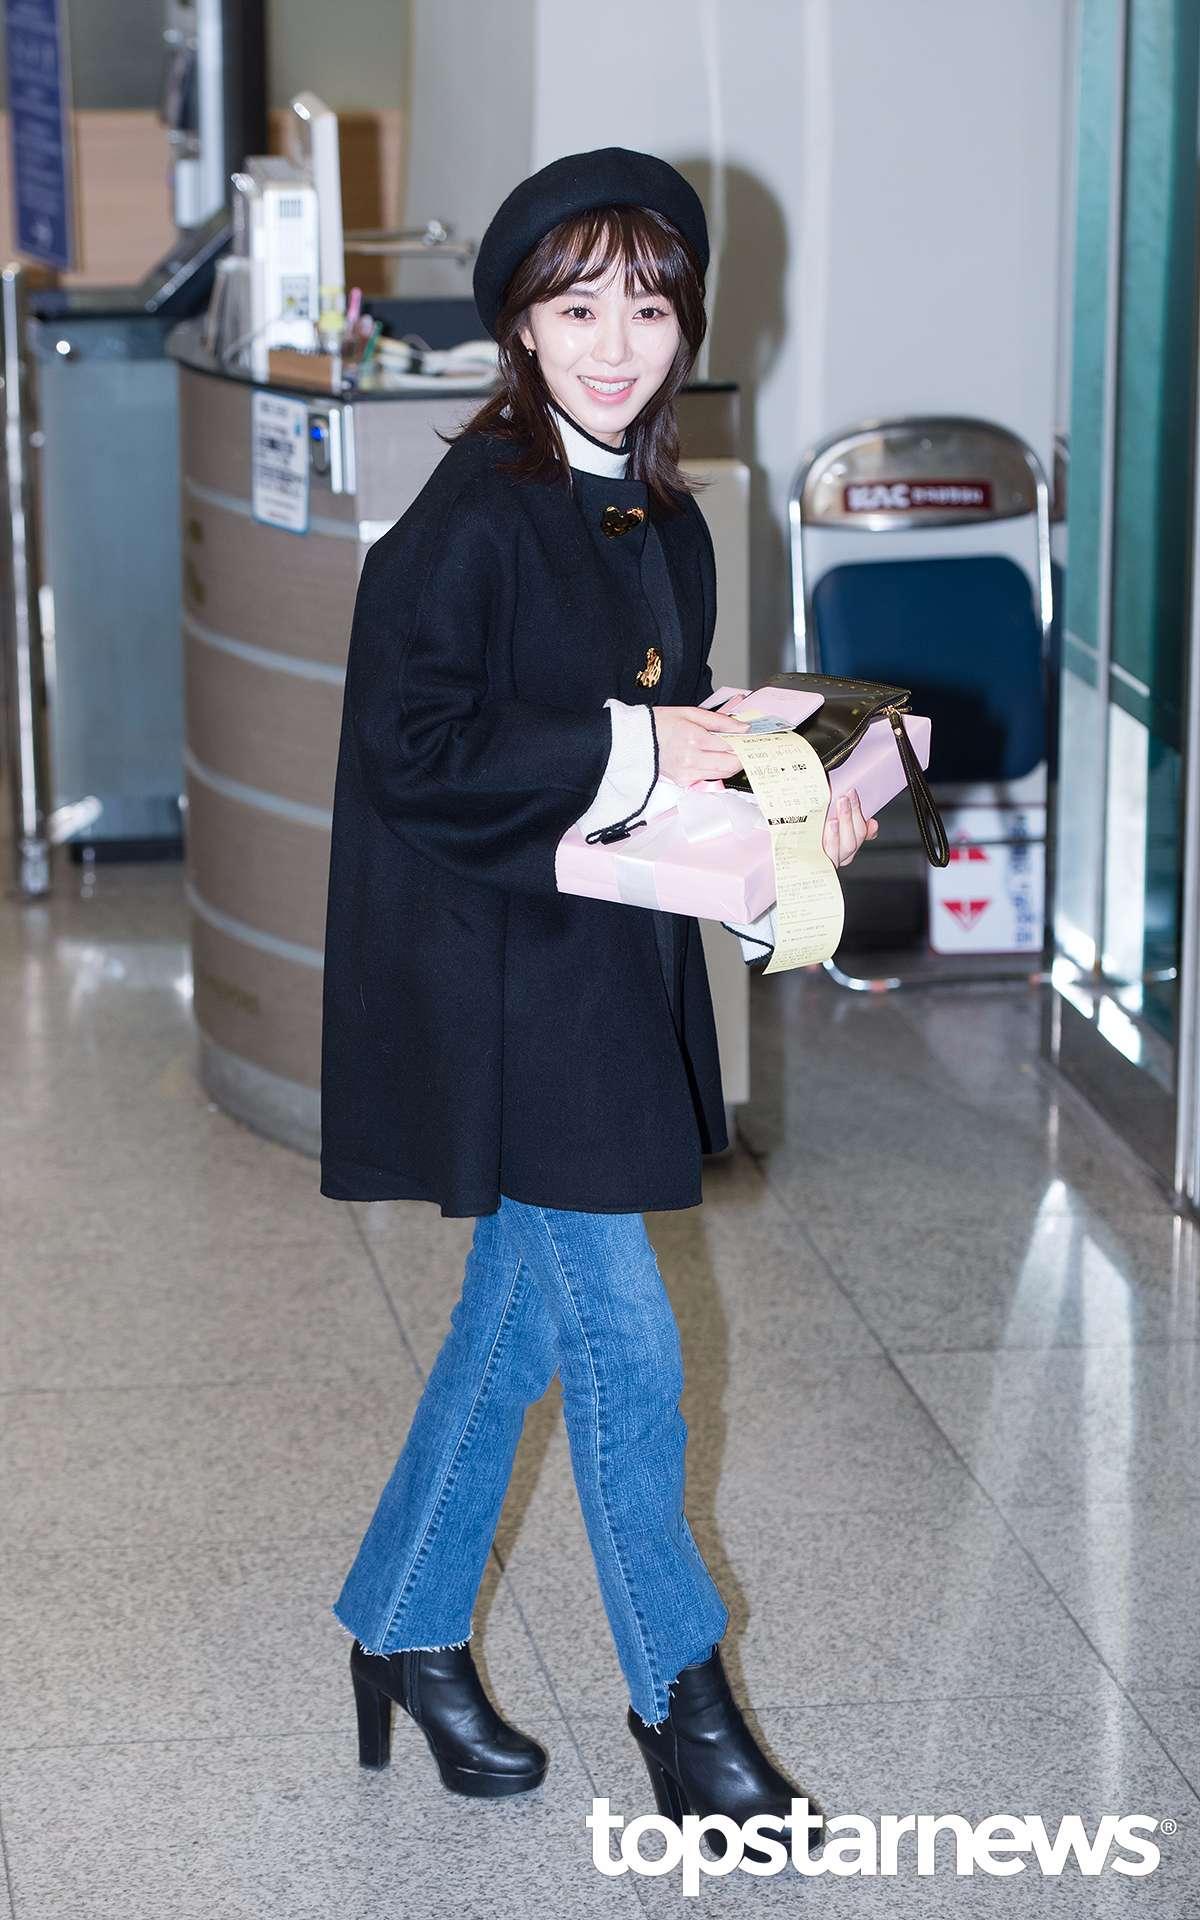 珉娥這身打扮從上到下都非常適合小女生..摩登少女覺得大多數的台灣女生都可以欸^^ ..清純可愛也保暖..而且鞋子也可以換成運動鞋或帆布鞋等等..都沒差哦~